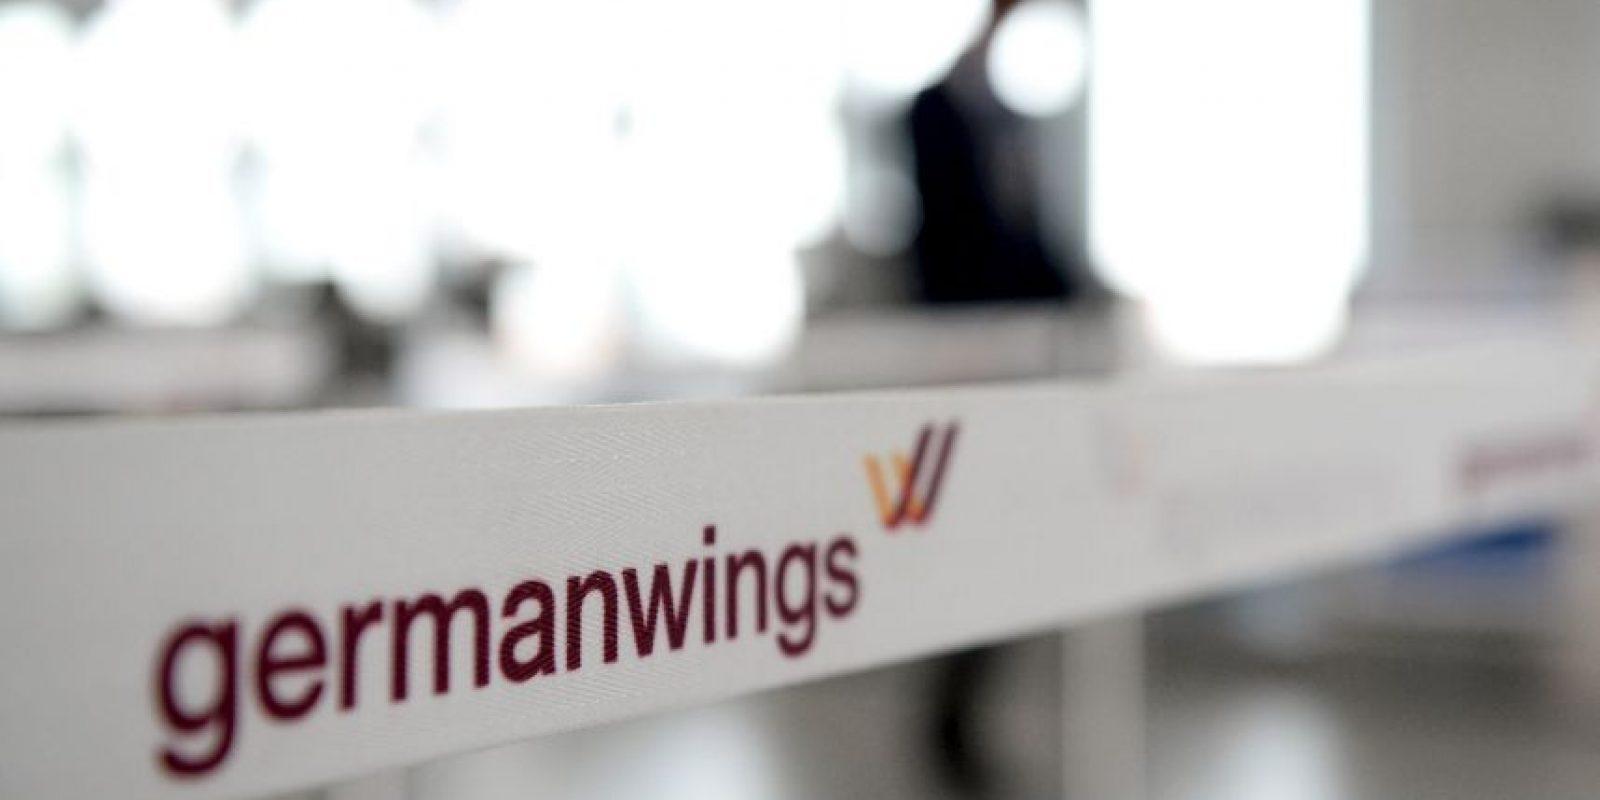 Lufthansa, empresa matriz de Germanwings, tuvo pérdidas en la bolsa después del accidente. Foto:Getty Images